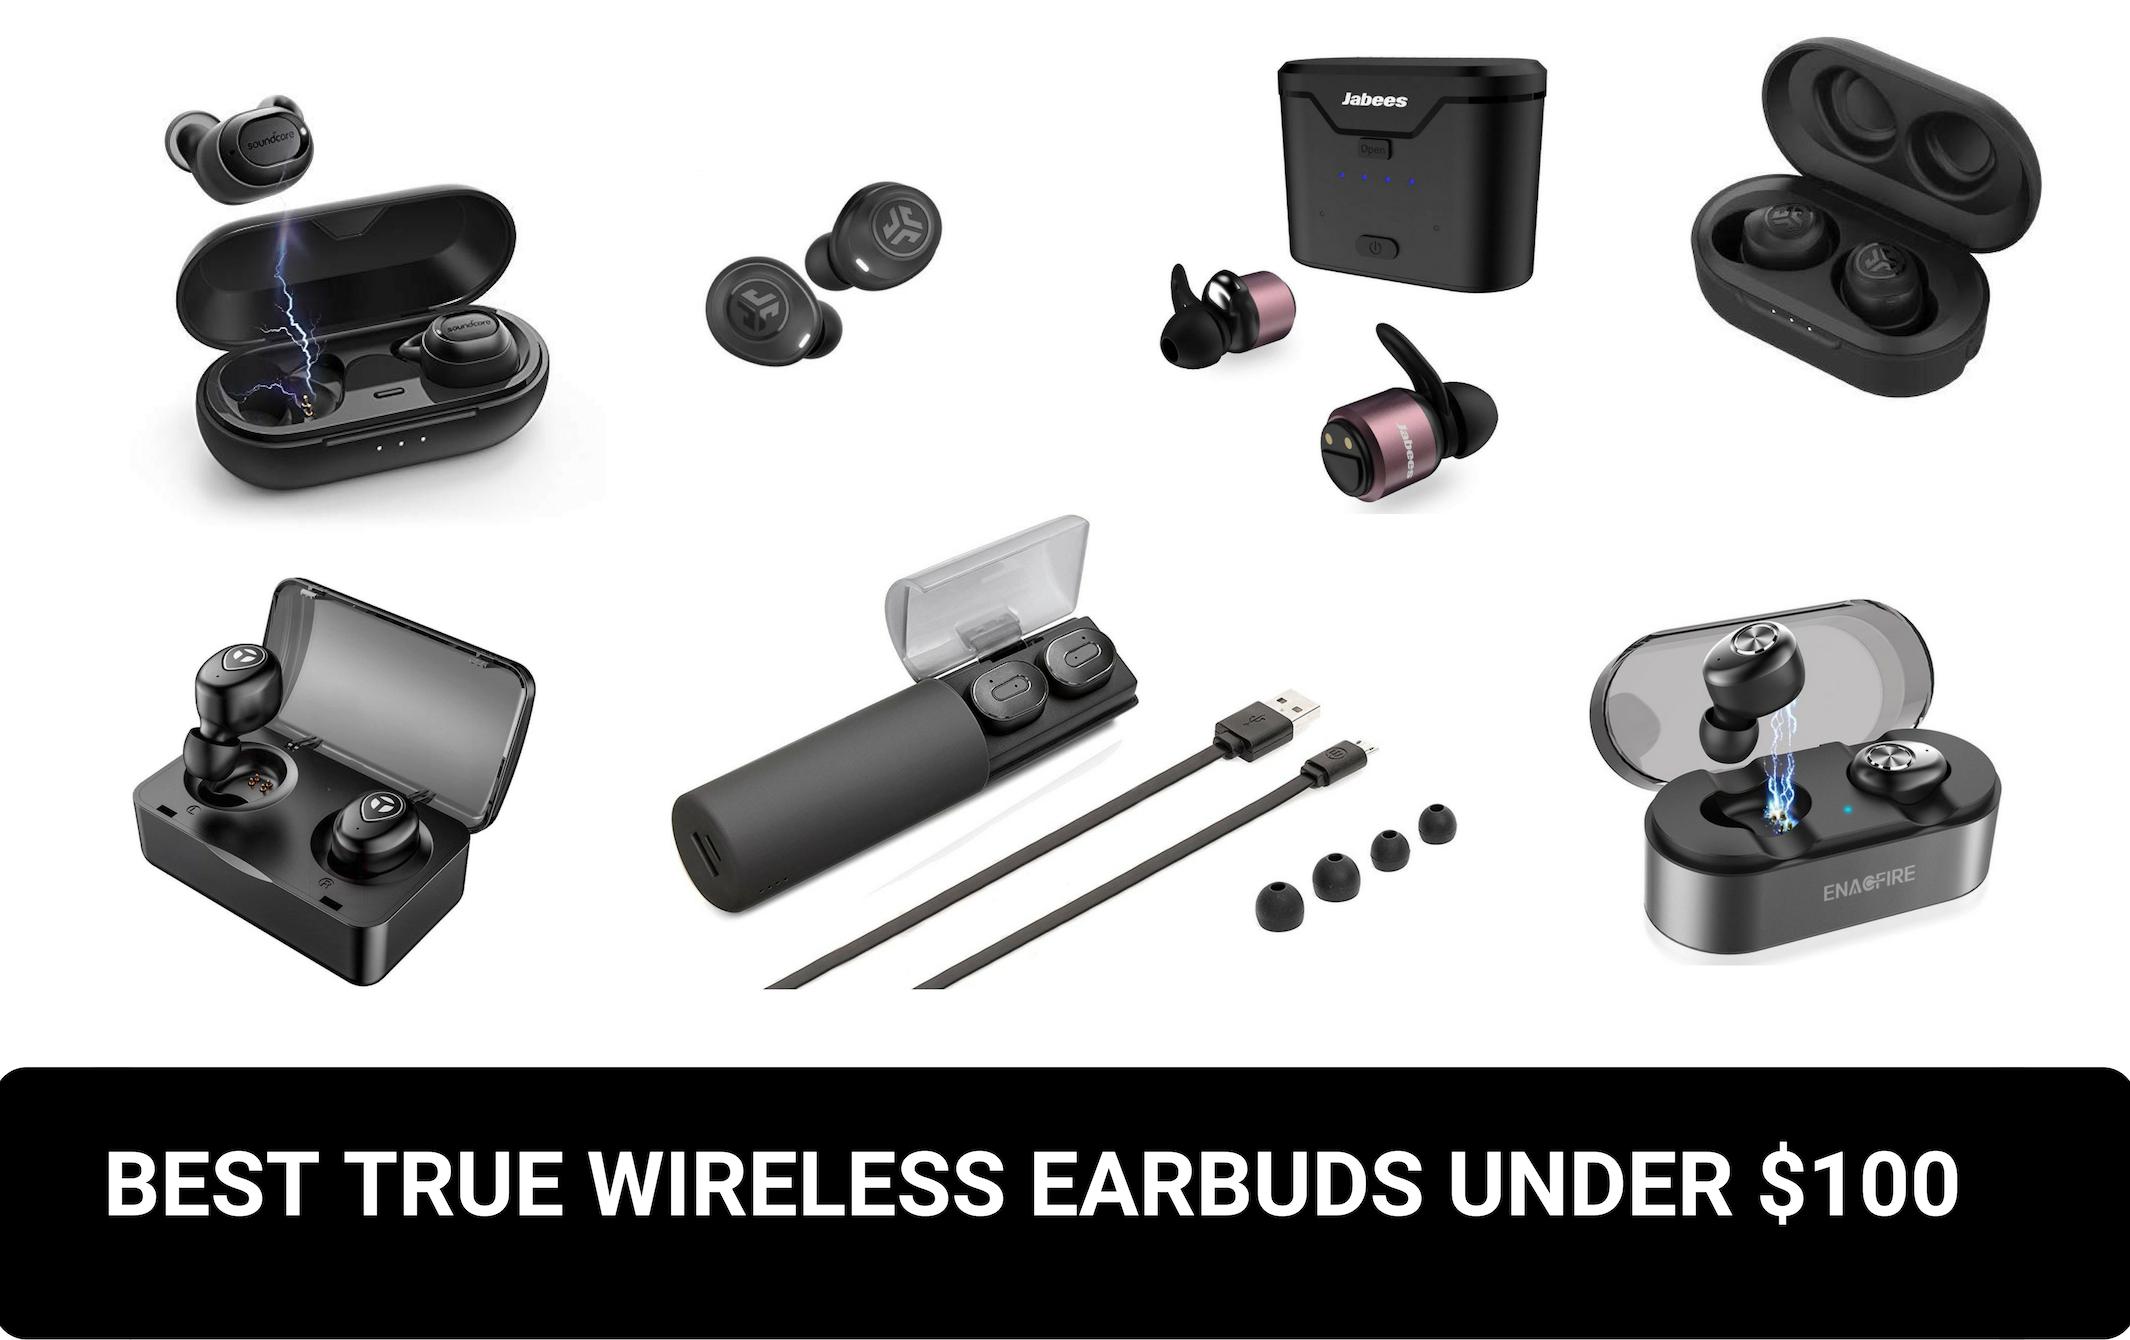 true wireless earbuds under $100